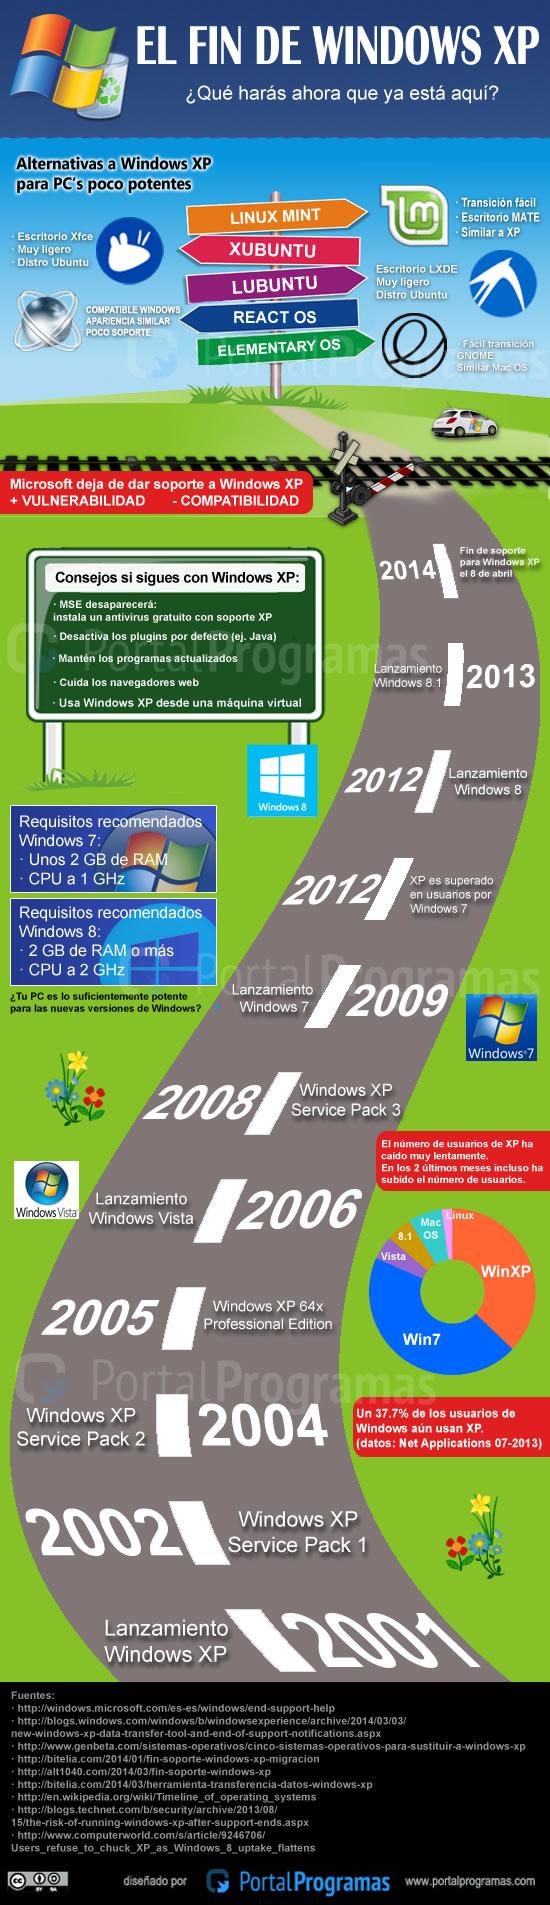 El fin de Windows XP se acerca ¿Y a hora qué hago? [Infografía] - fin-windows-xp-infografia